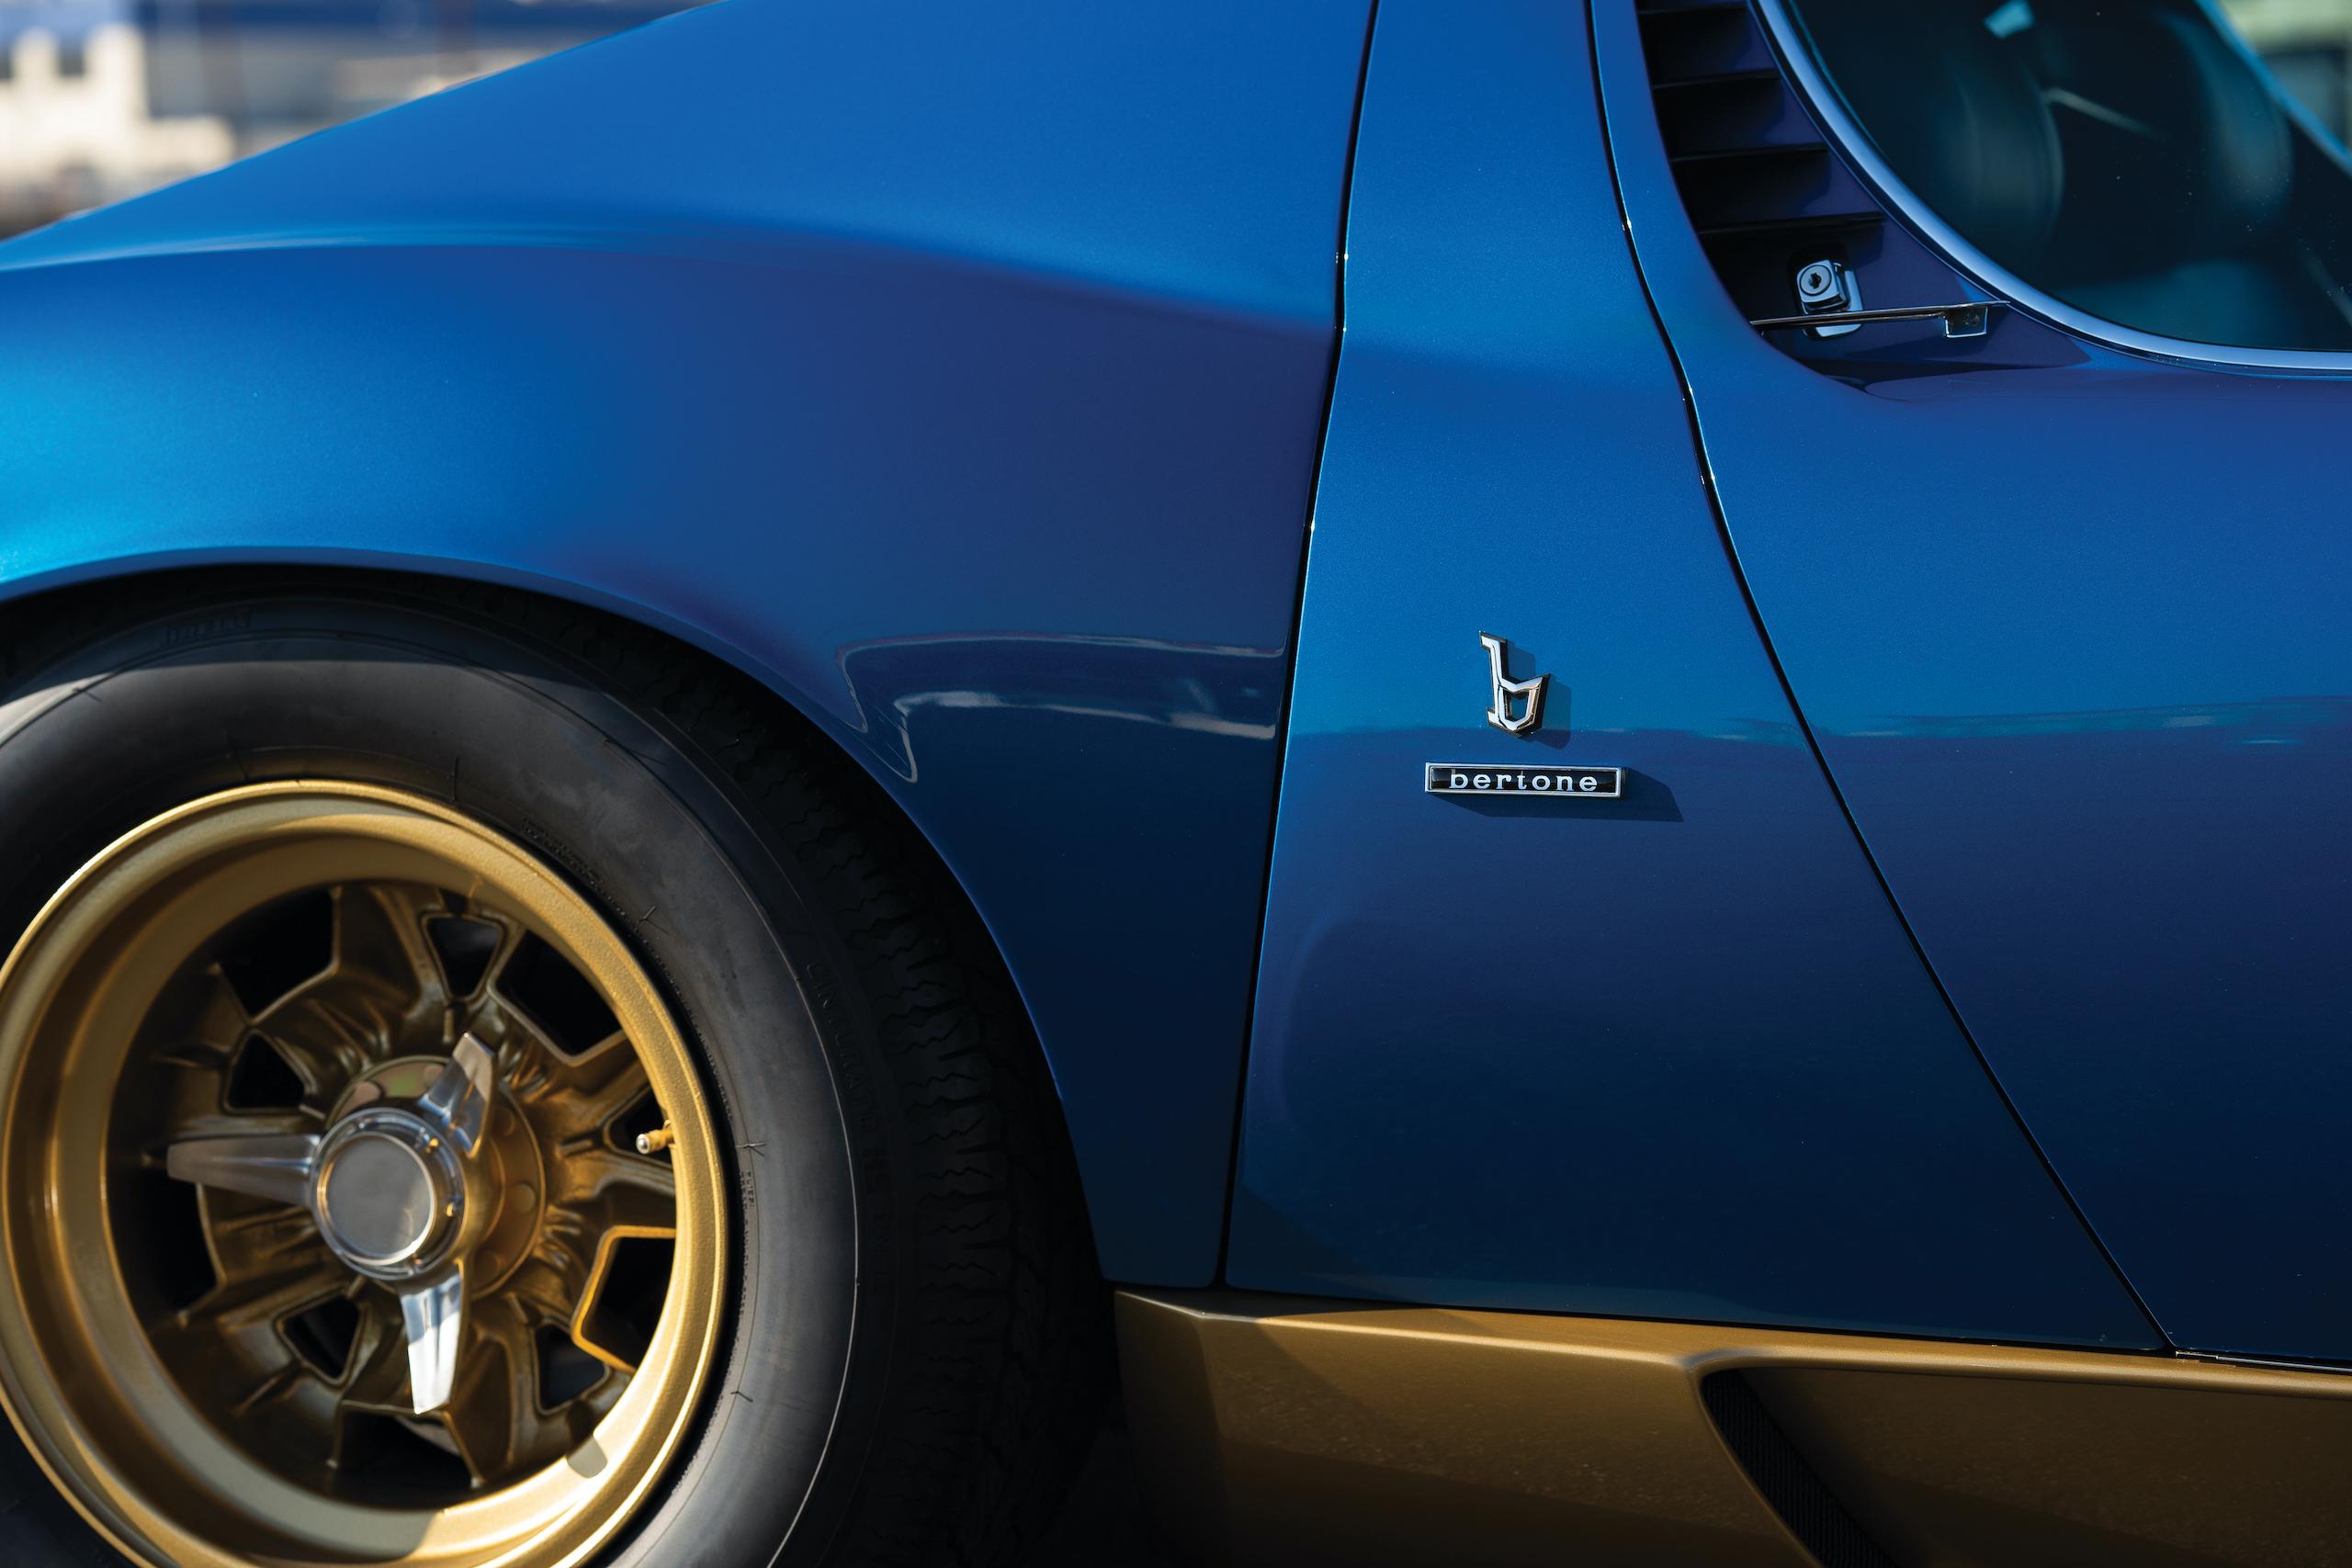 1971 Lamborghini Miura P400 SV bertone badge